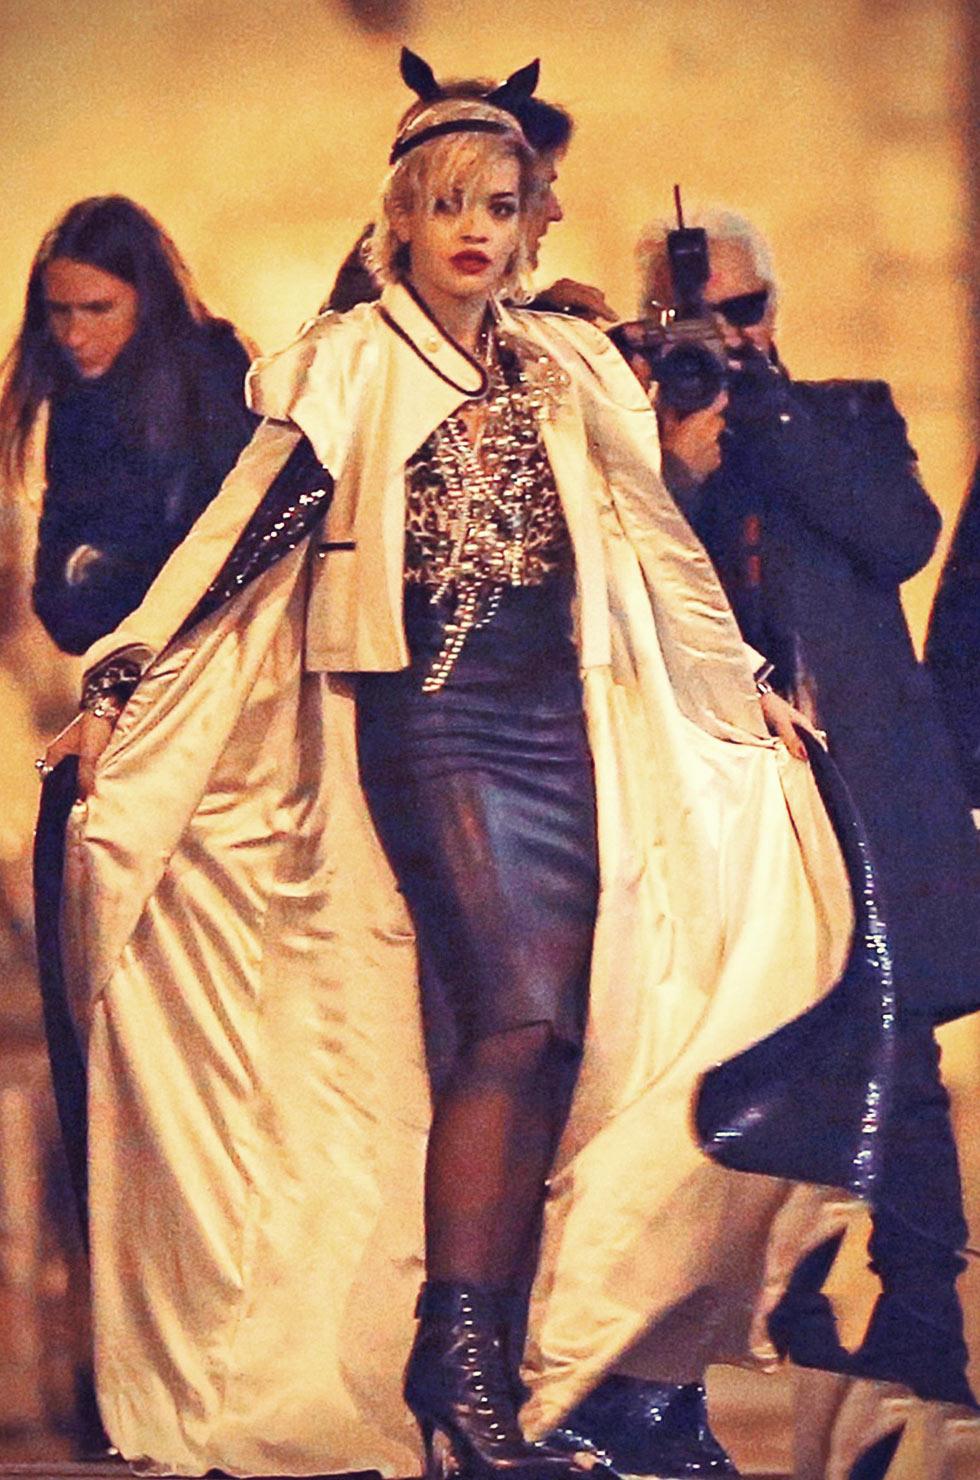 Rita Ora is super fashion forward for a photo shoot